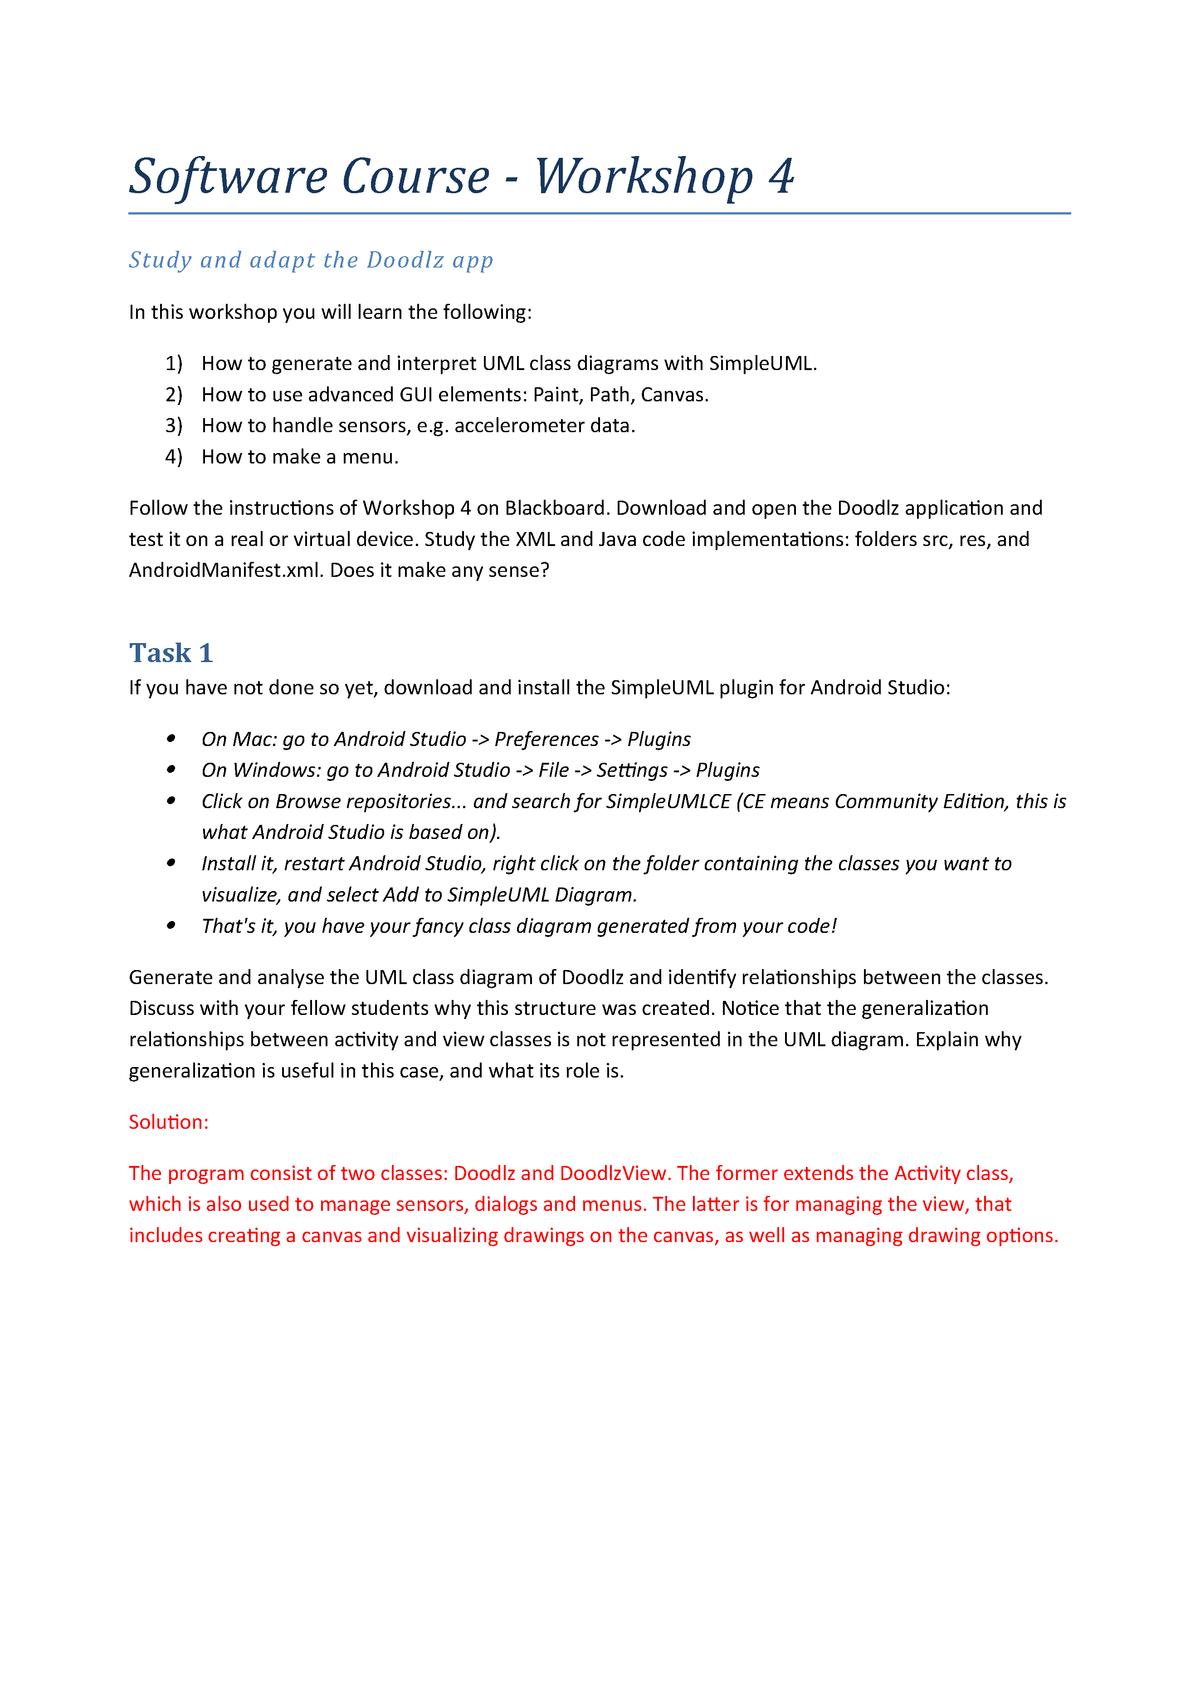 Software Course Workshop 4 V3 Adaptation Mdh 2 Software Course Workshop Study Studocu